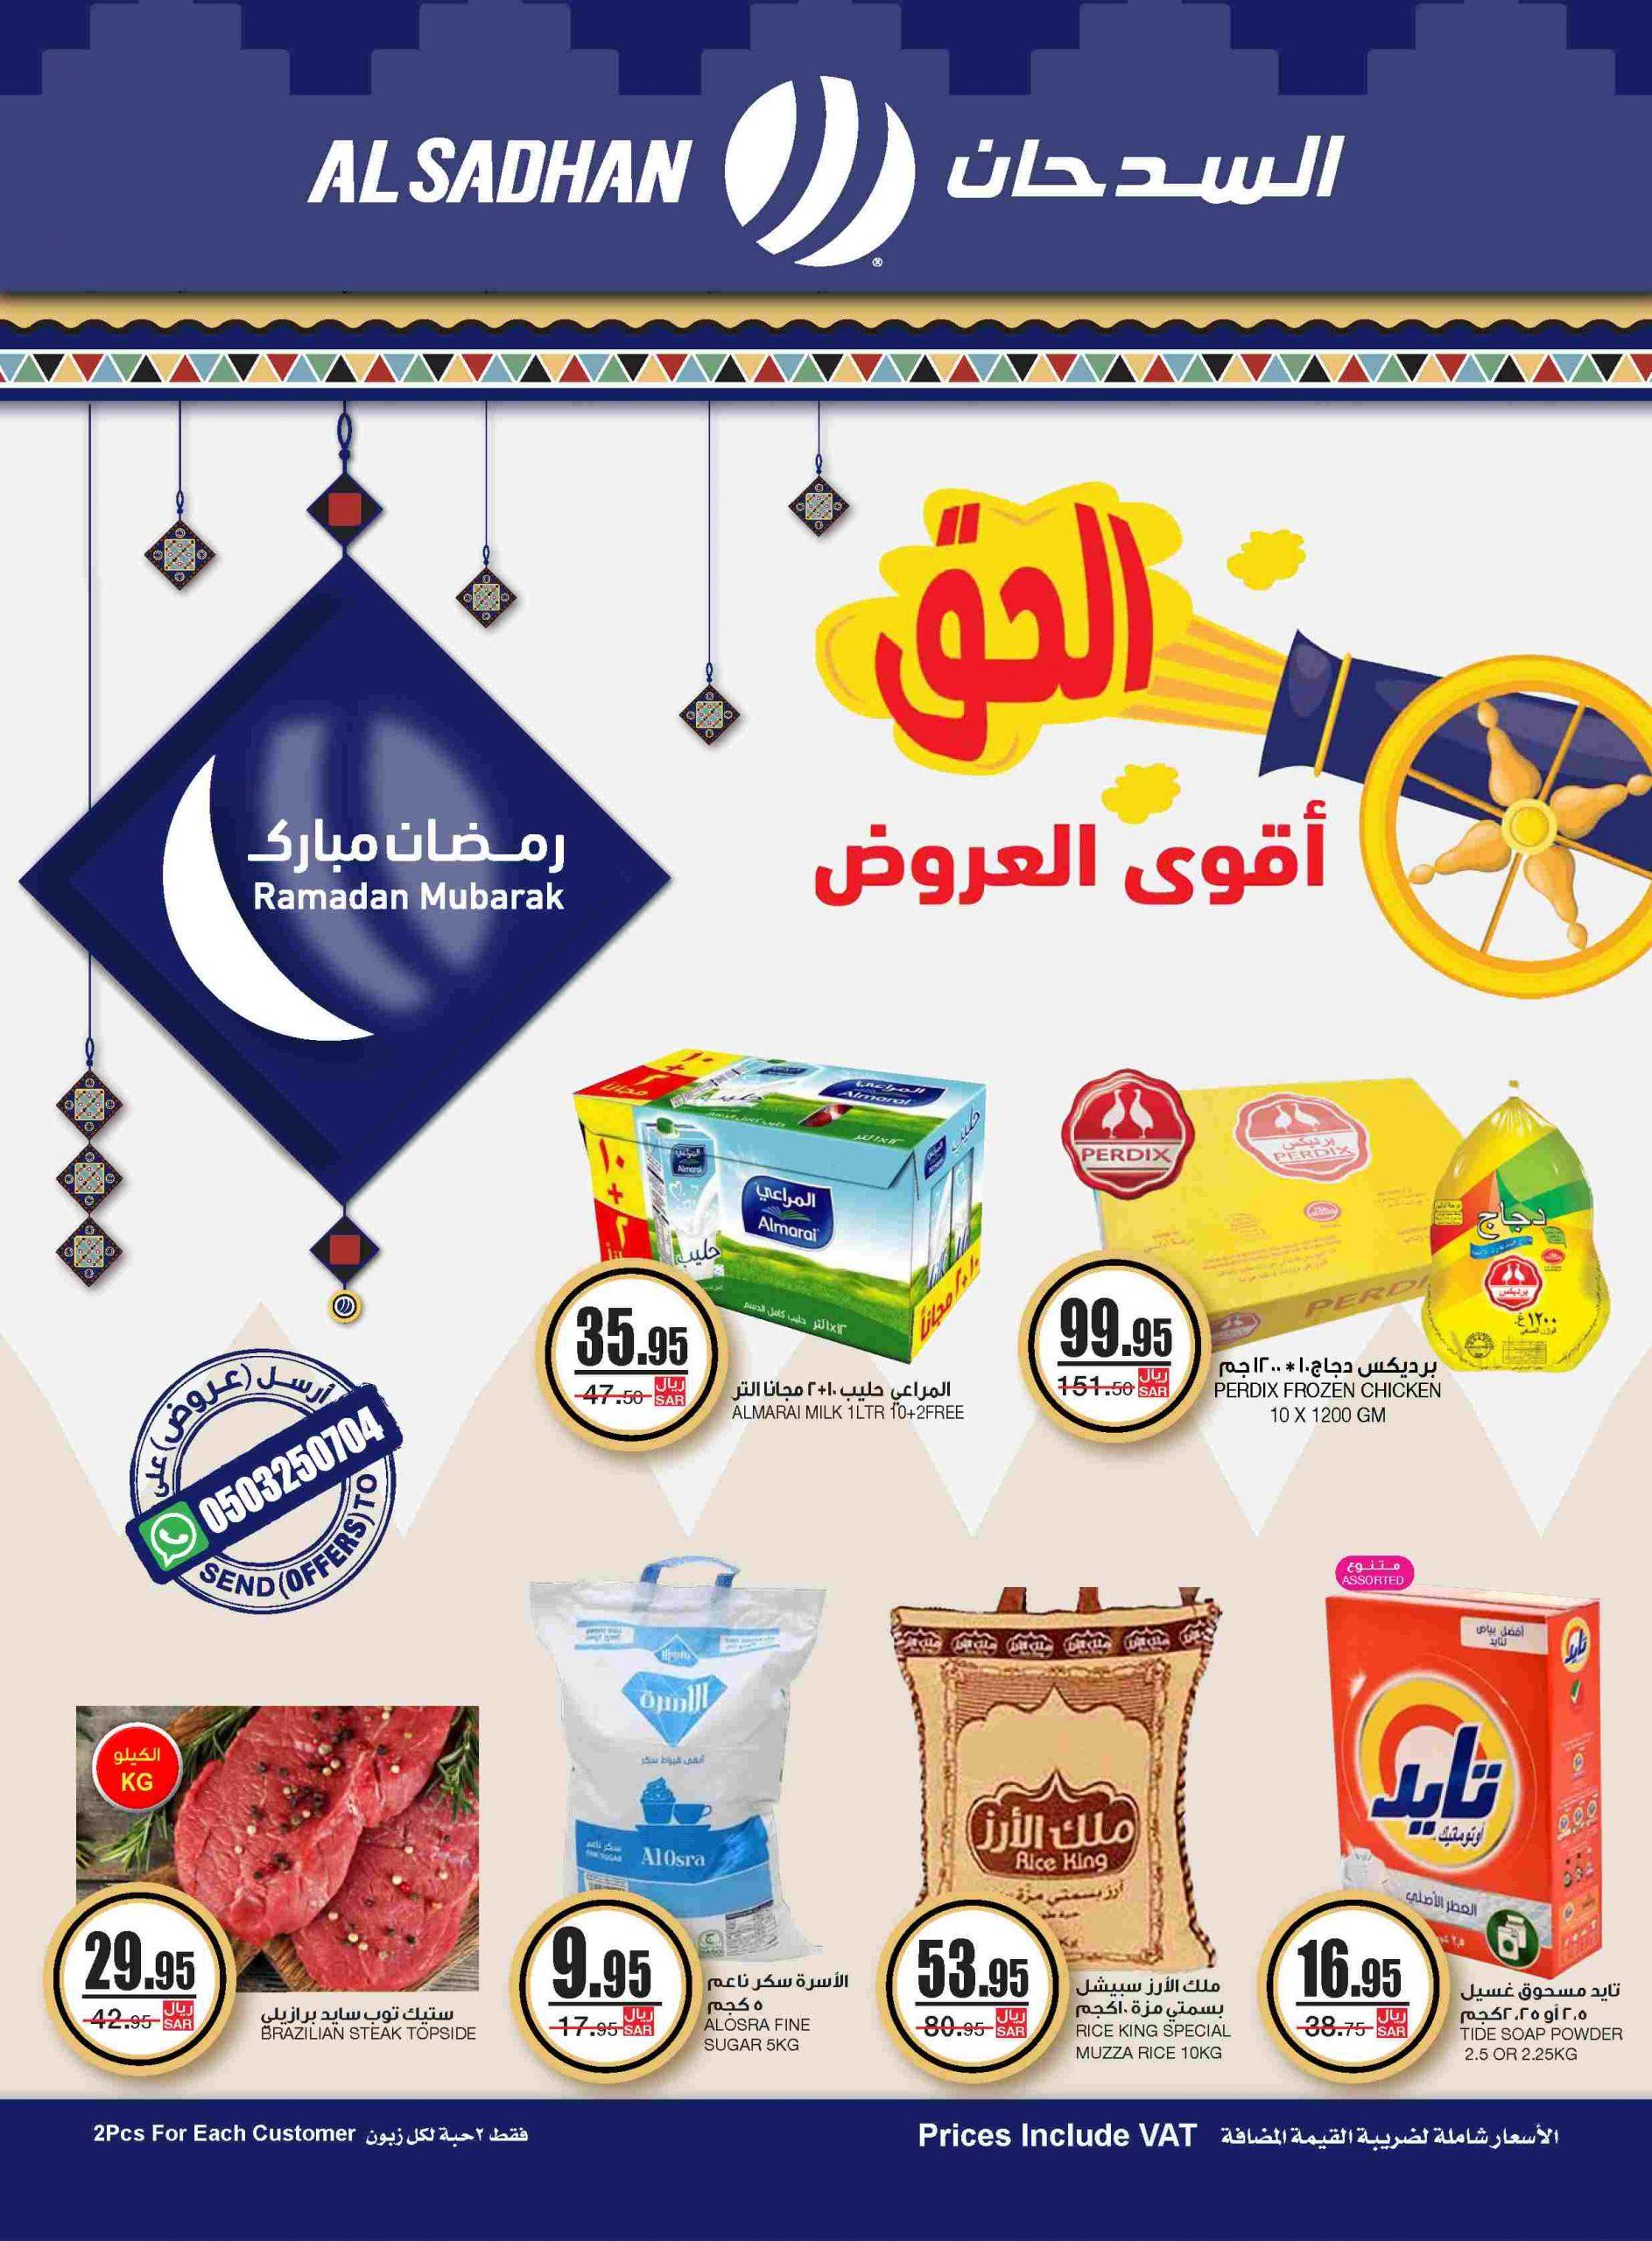 عروض السدحان السعودية اليوم 14 ابريل حتى 20 ابريل 2021 رمضان كريم